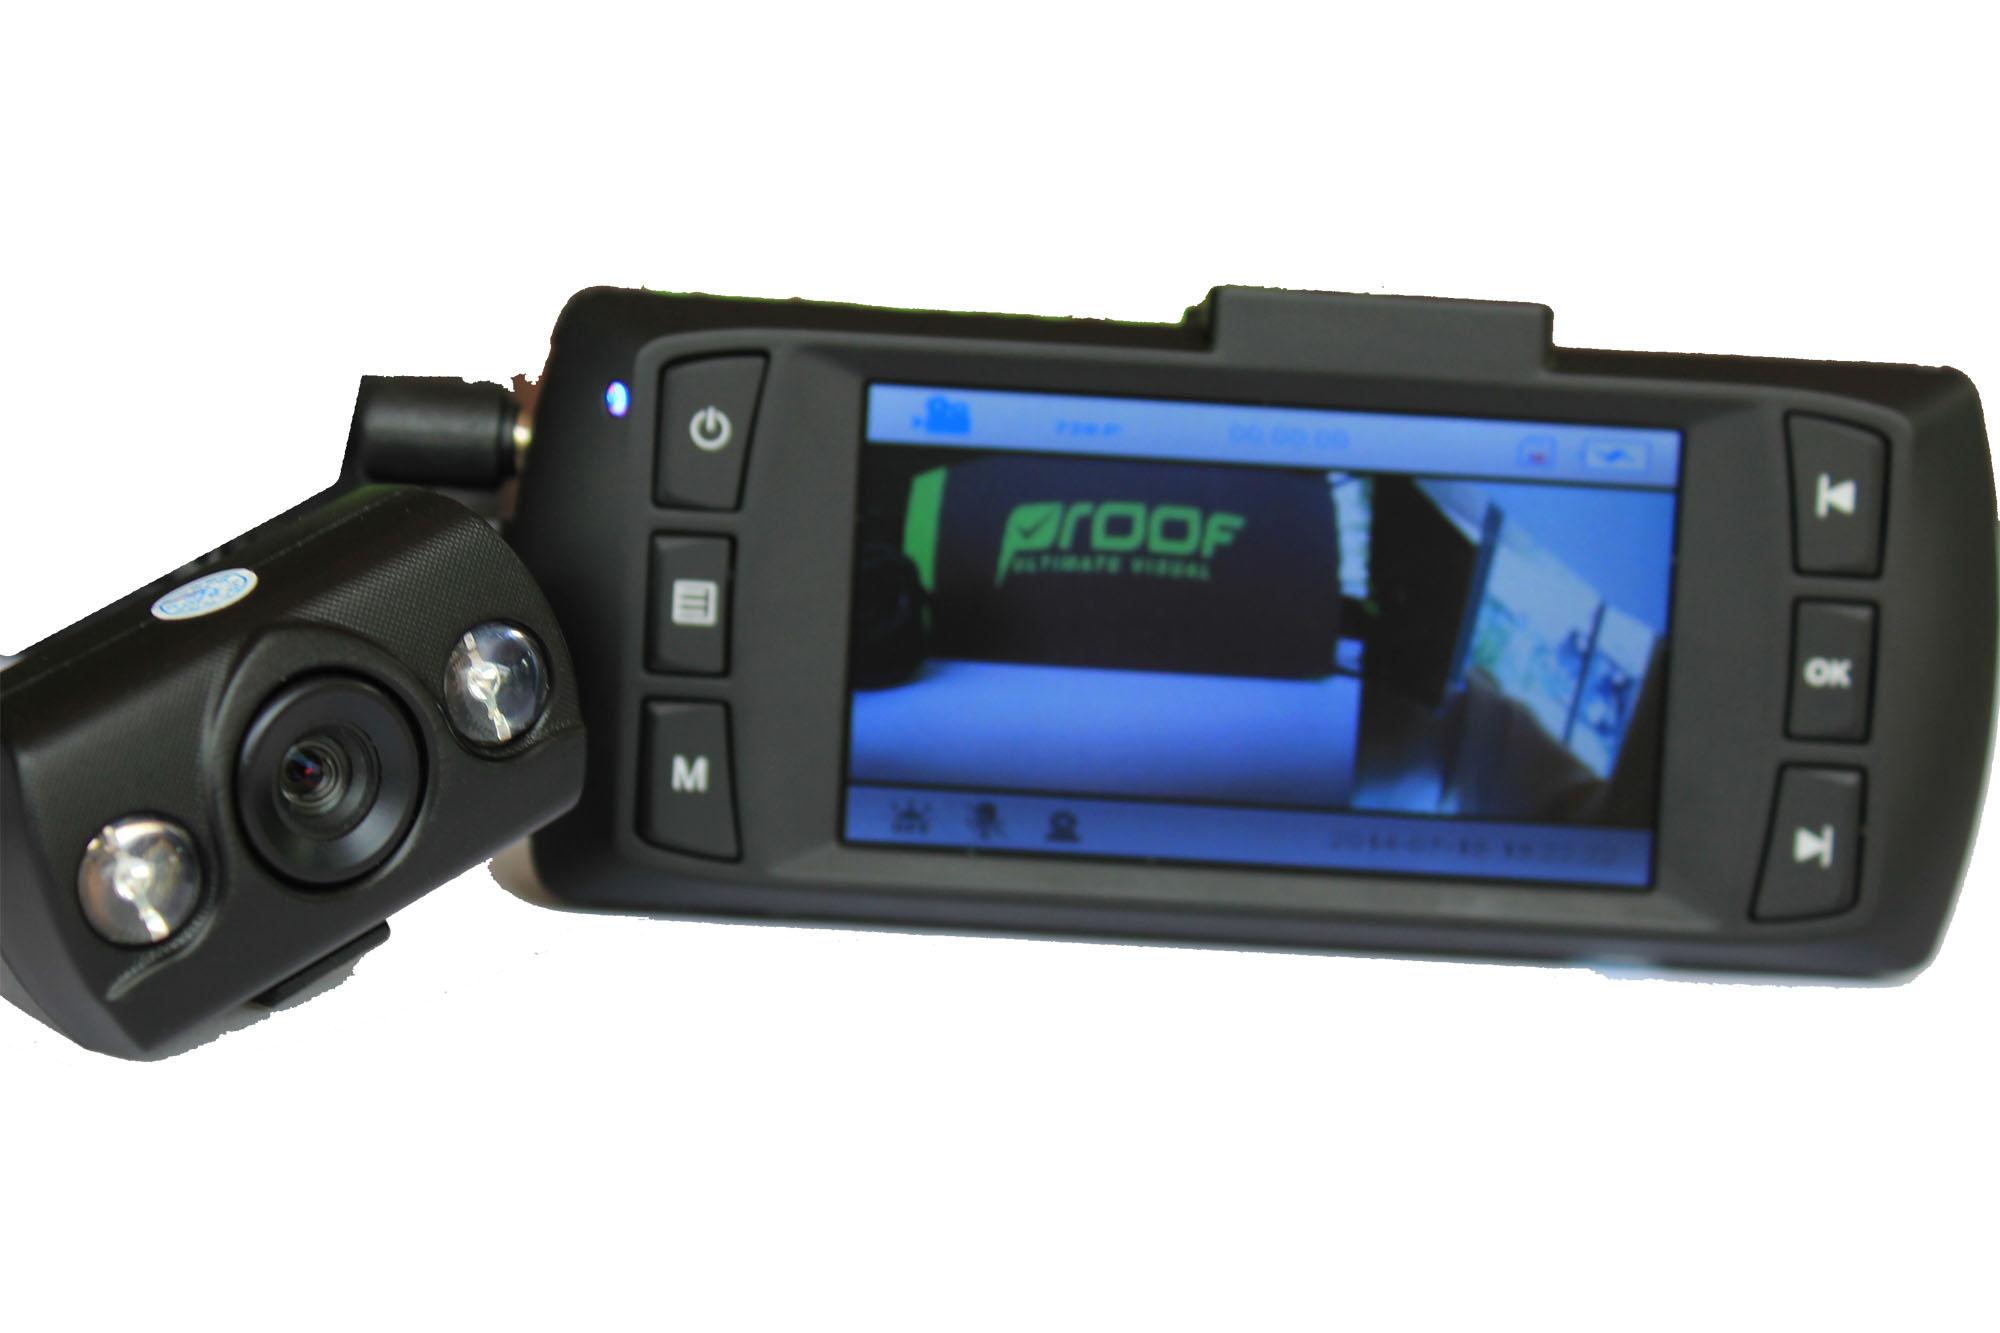 กล้องติดรถยนต์ 2 กล้อง รุ่น Proof-PF700